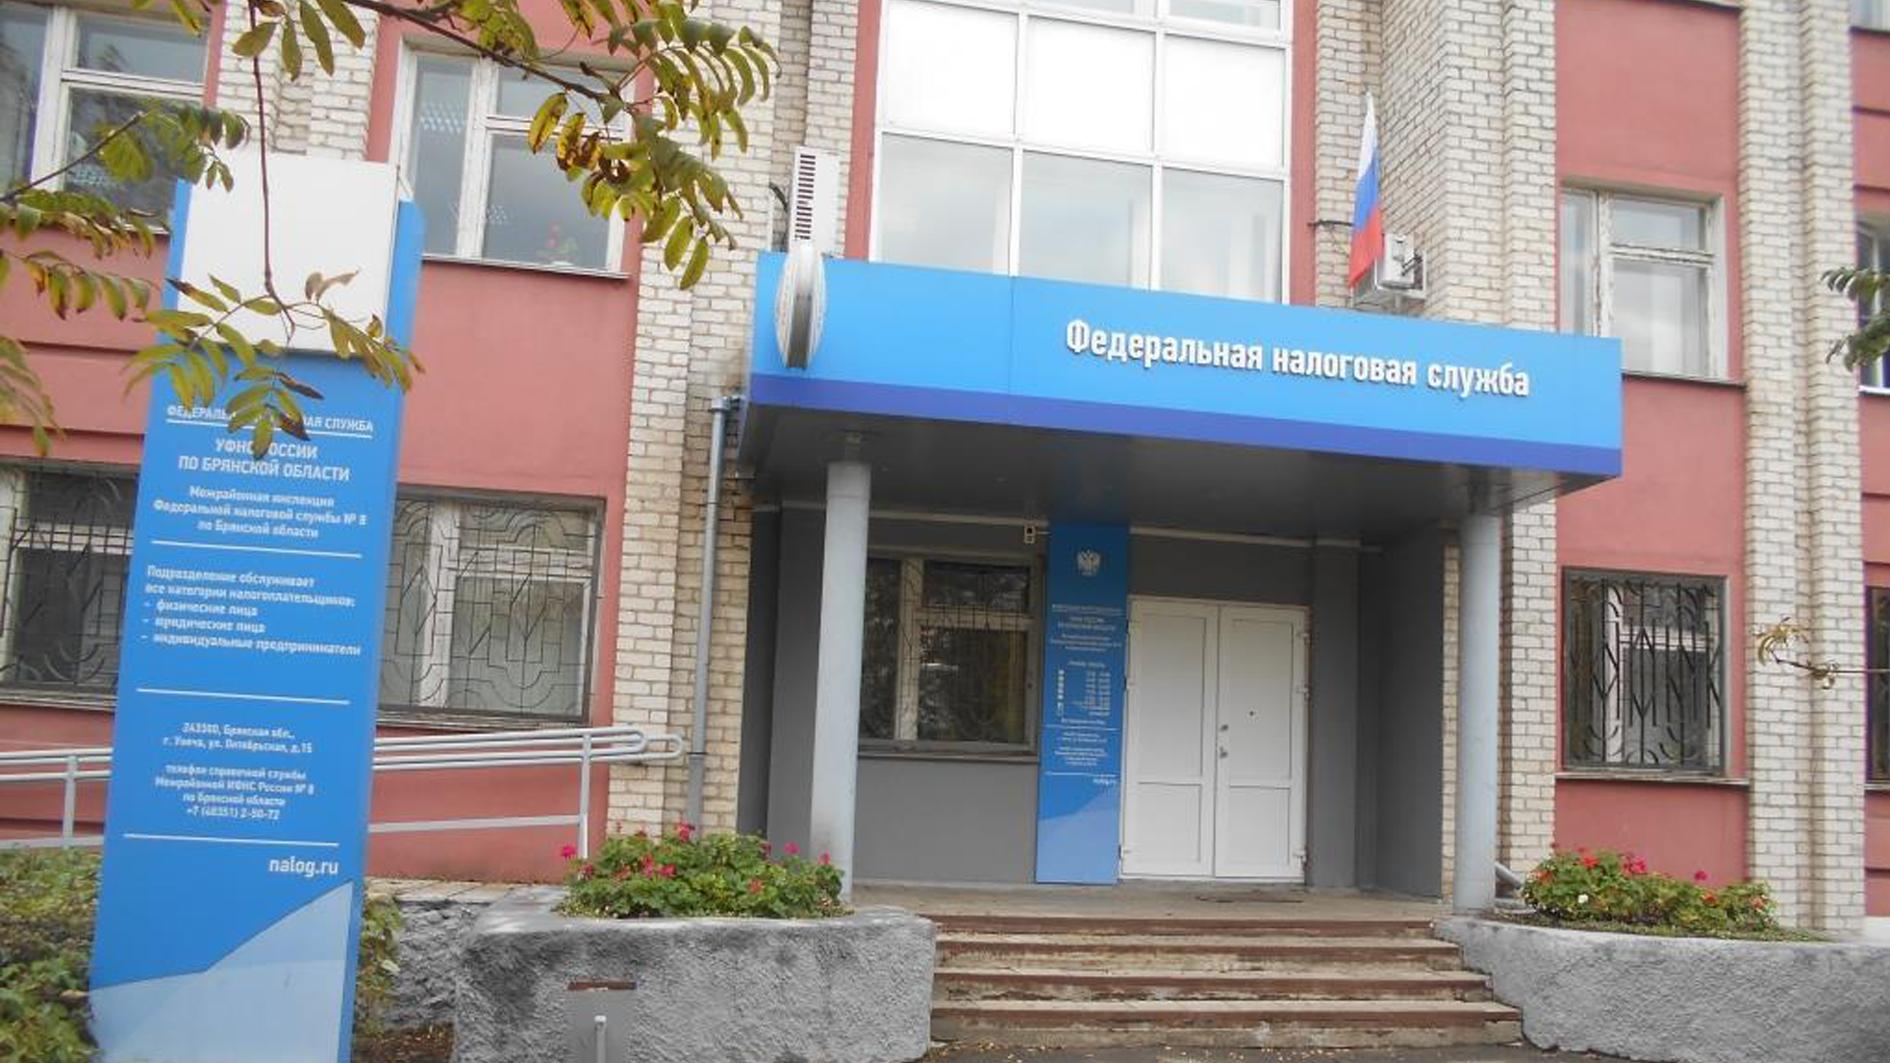 Ифнс 10 по брянской области официальный сайт телефон